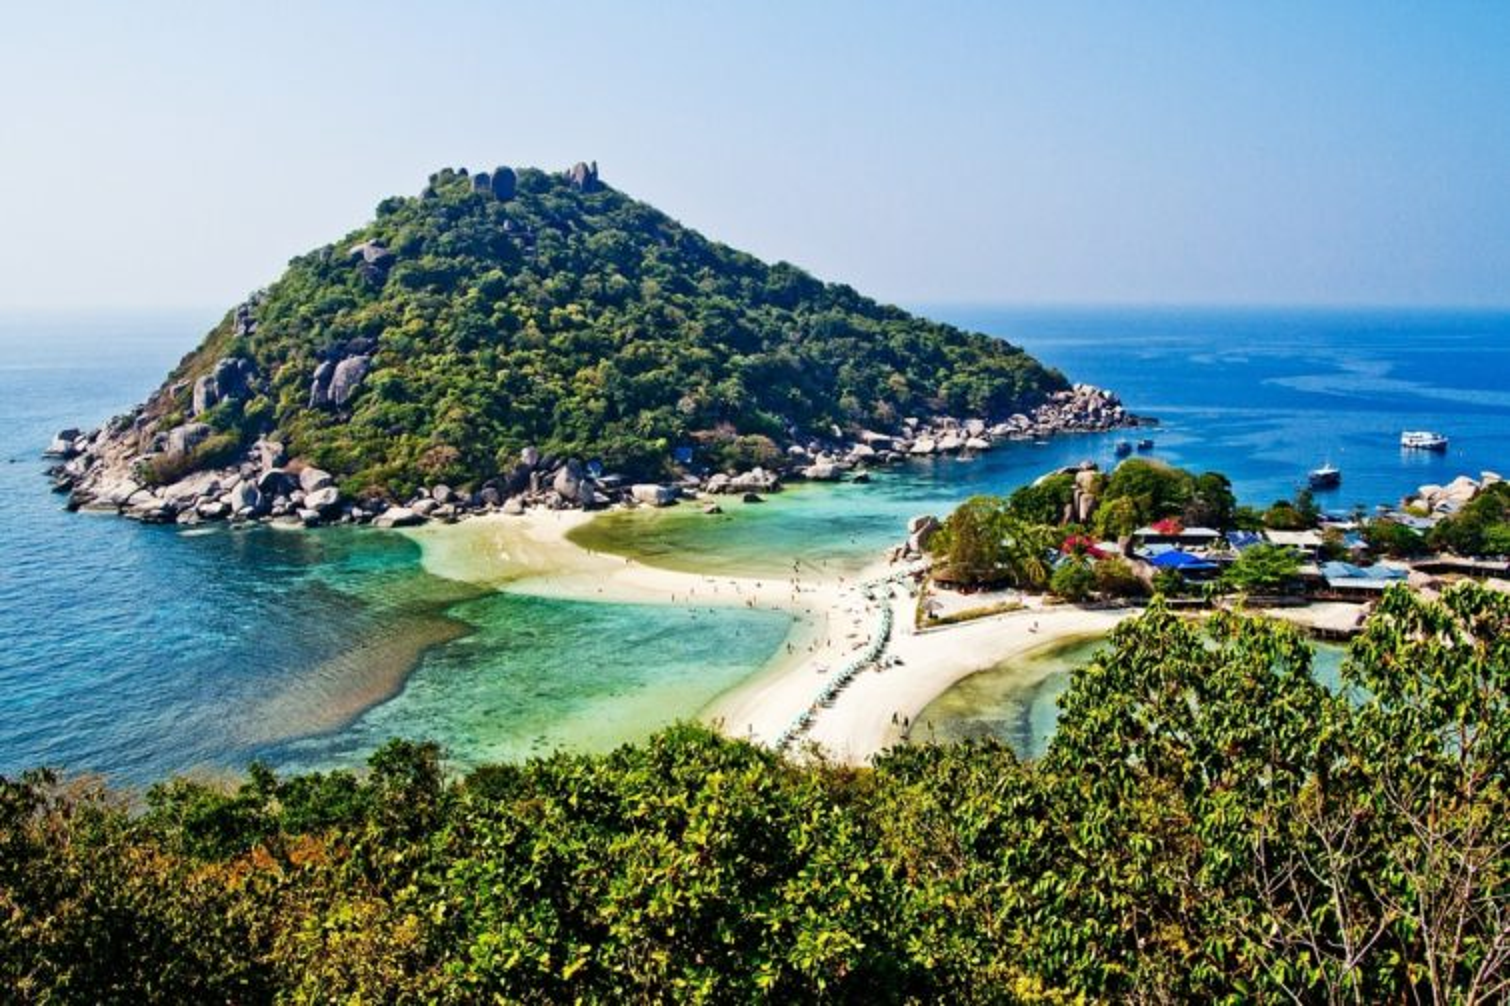 Plongée au spot de Koh Nang Yuan en Thaïlande